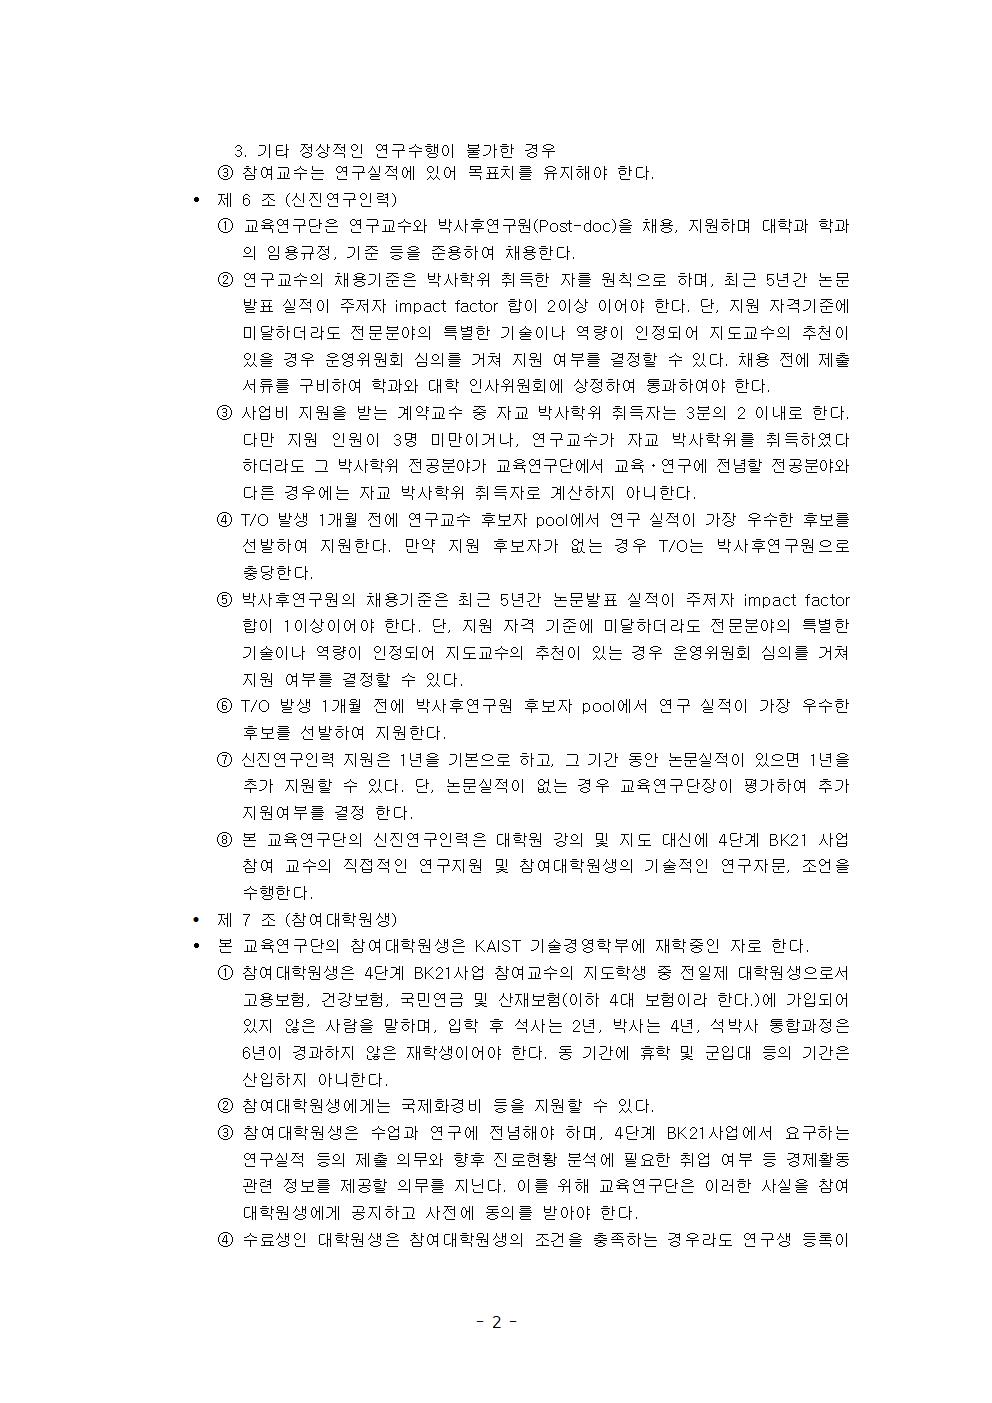 사회과학 AI 및 빅데이터 연구단 자체운영규정002